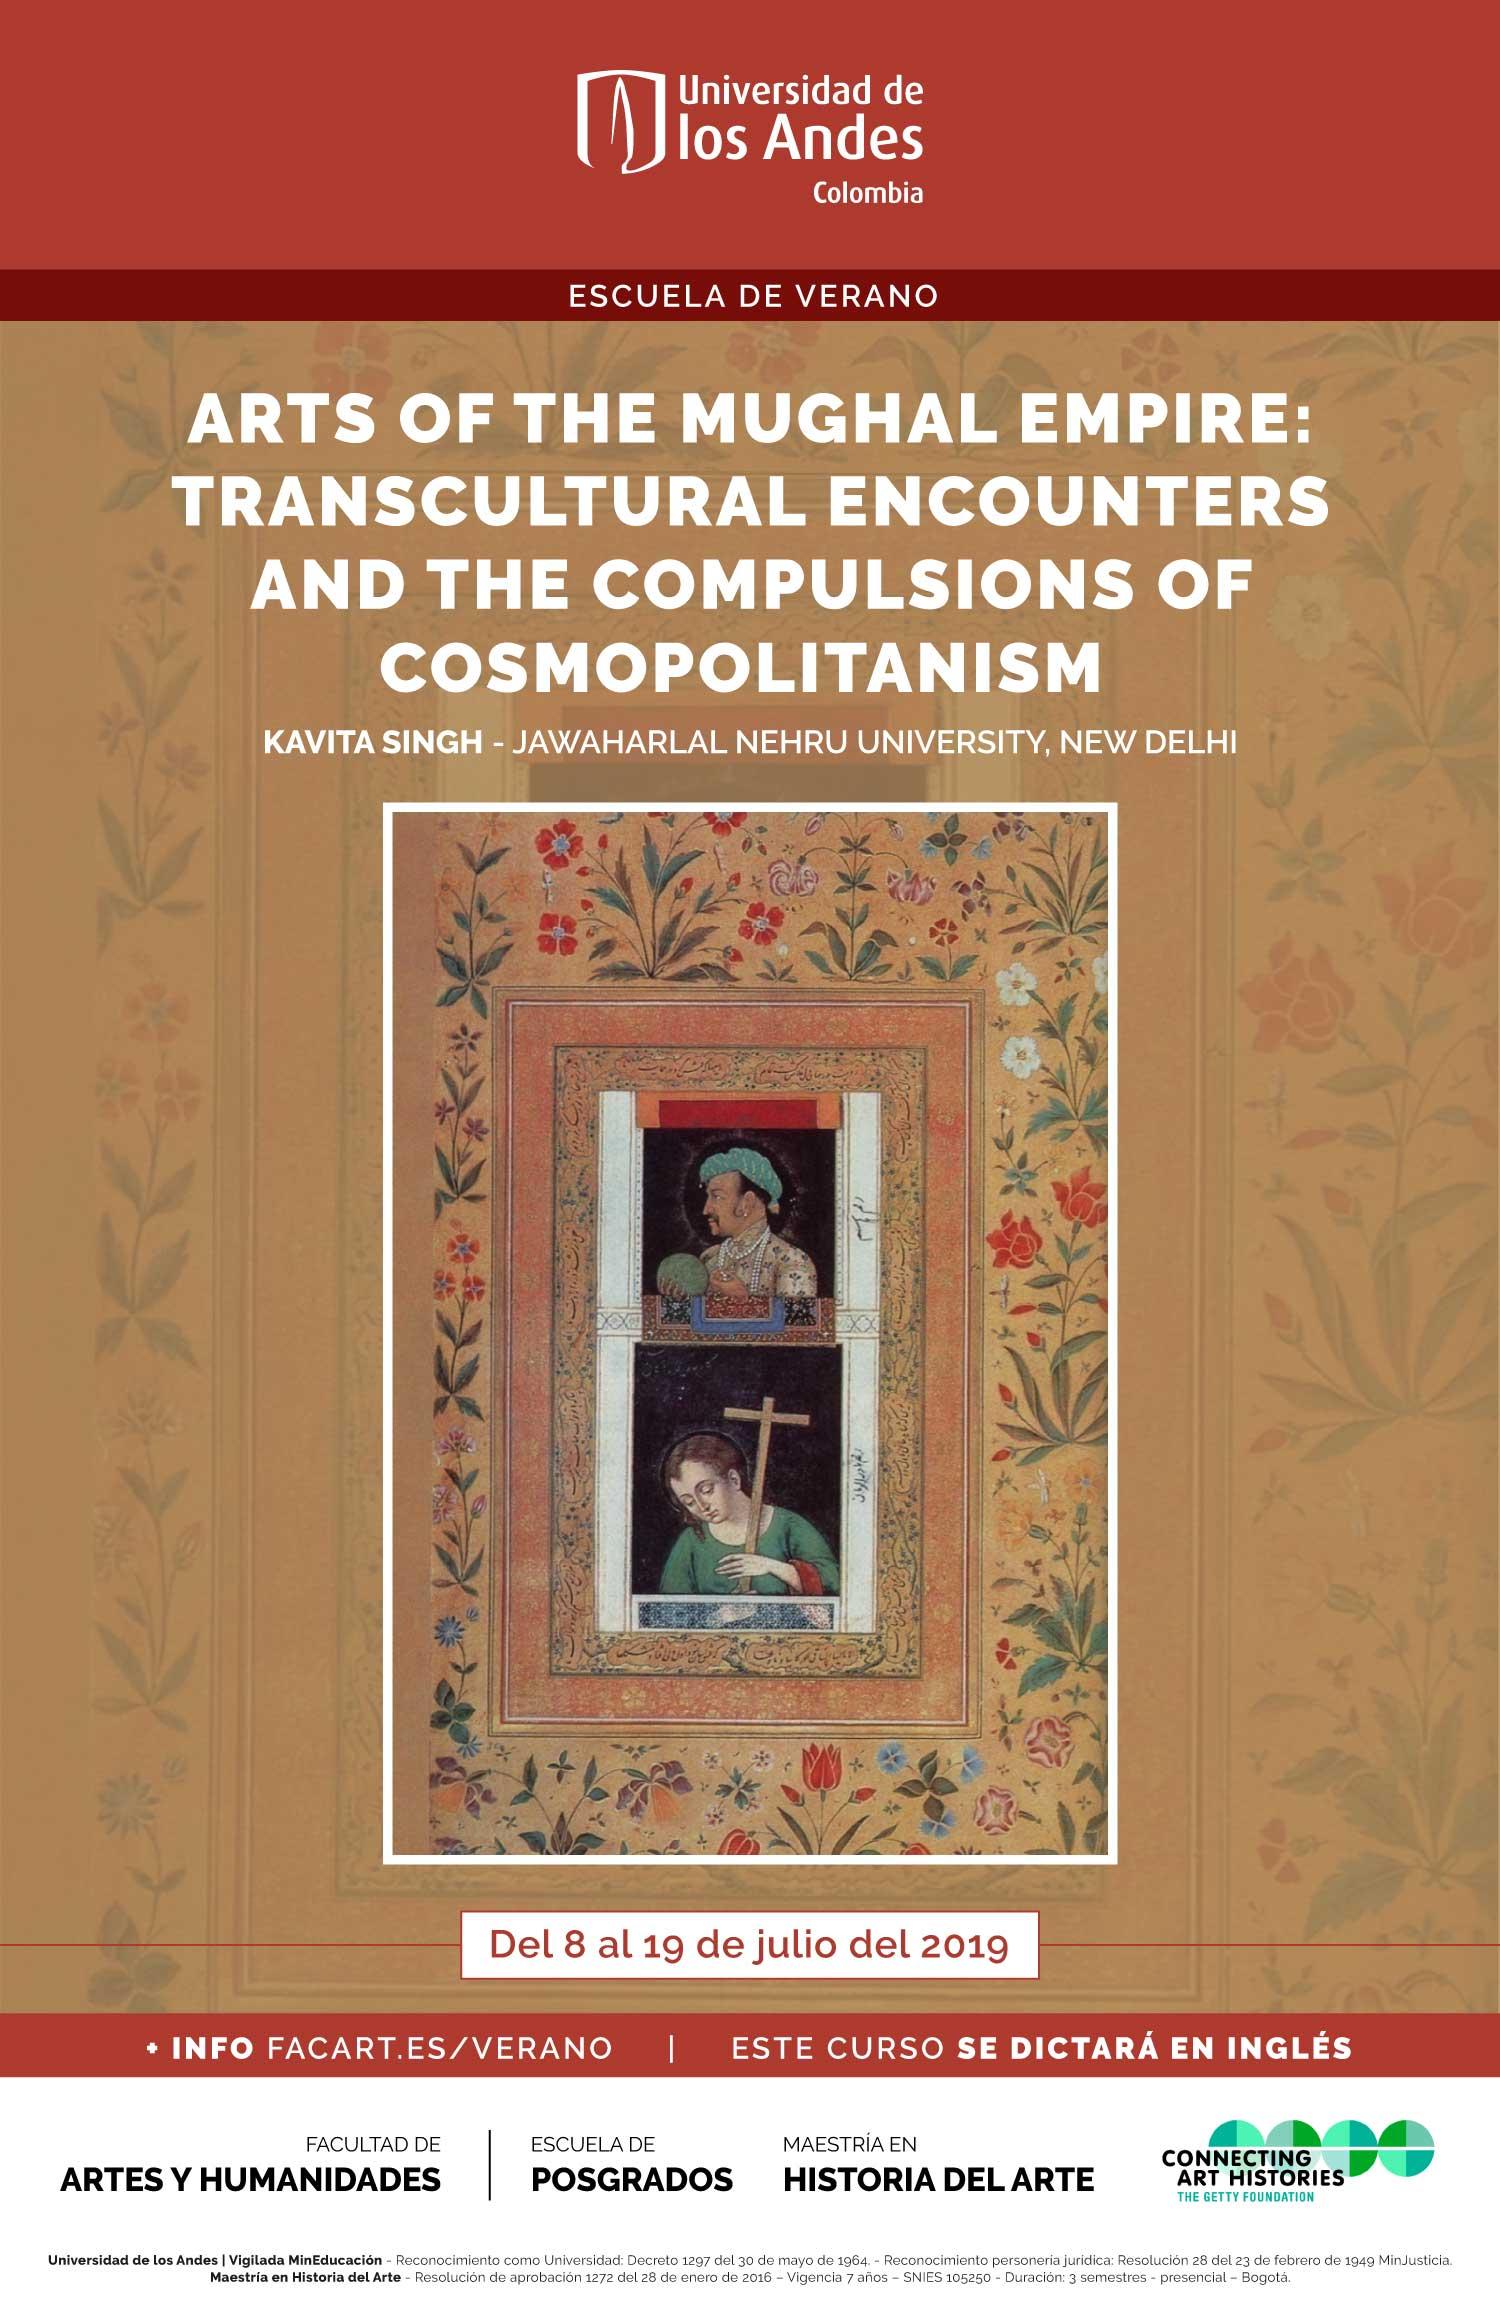 Curso de verano: Arts-of-the-mughal-empire---transcultural-encounters-and-the-compulsion-of-cosmopolitanism---Escuela-de-verano---de-Posgrados---Facultad-de-Artes-y-Humanidades---Universidad-de-los-Andes